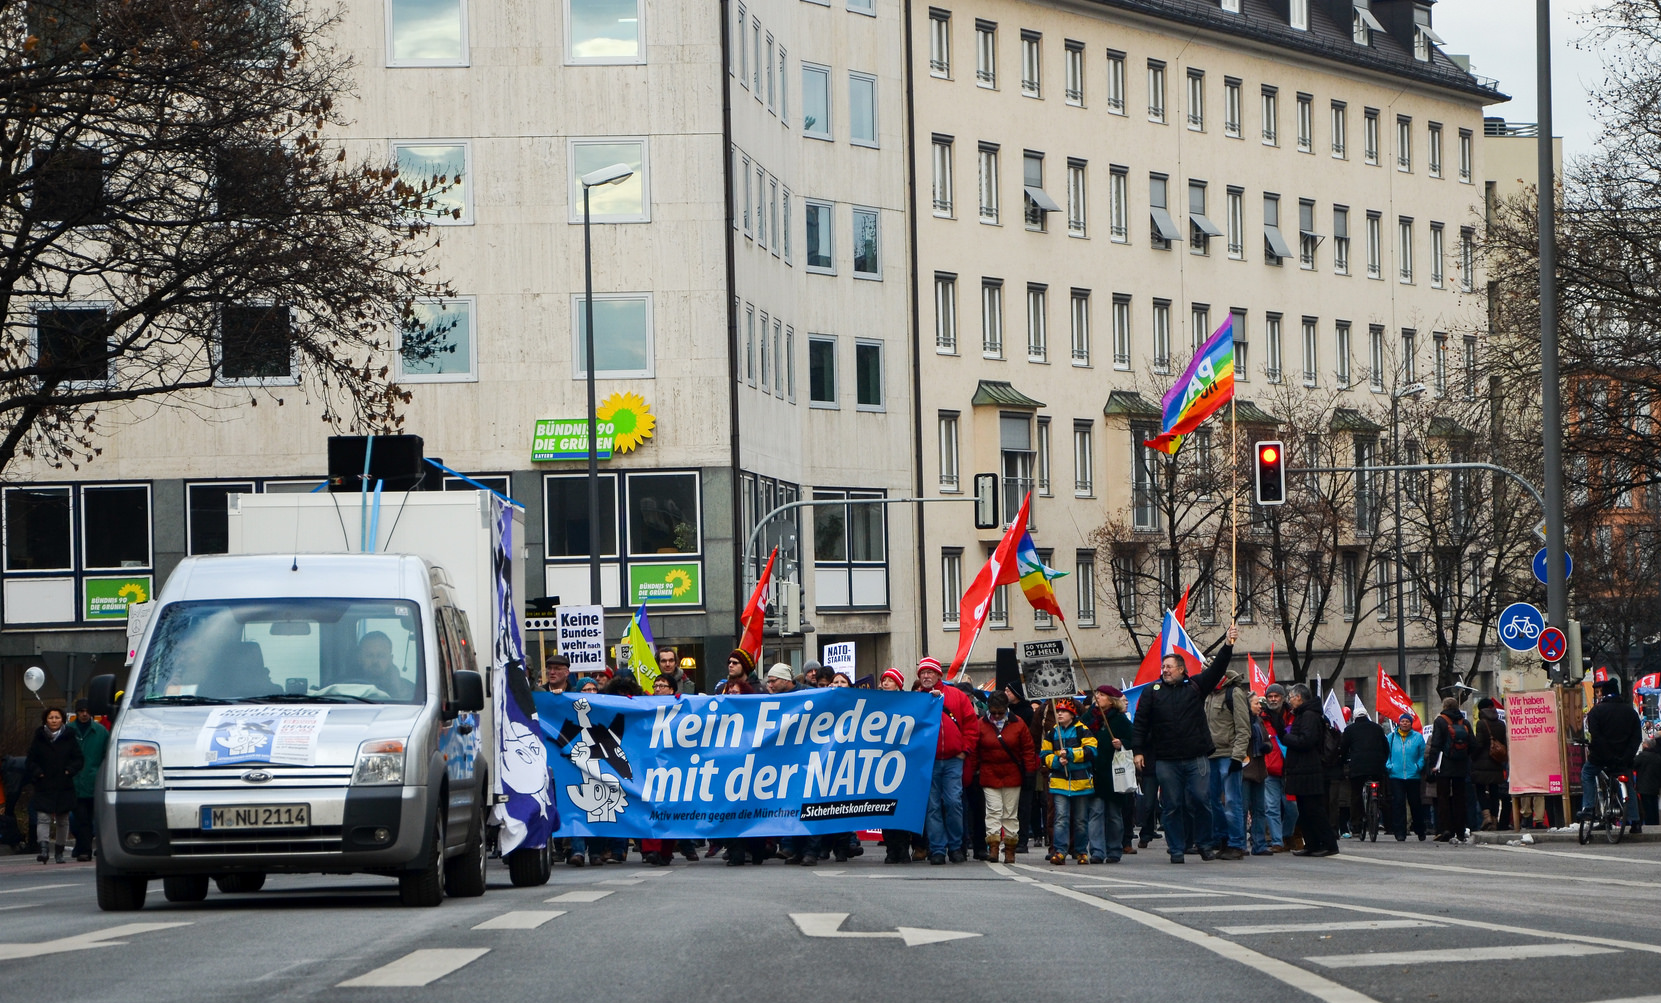 Fünf gute Gründe, am 16.02. in München gegen die sog. NATO-Sicherheitskonferenz auf die Straße zu gehen